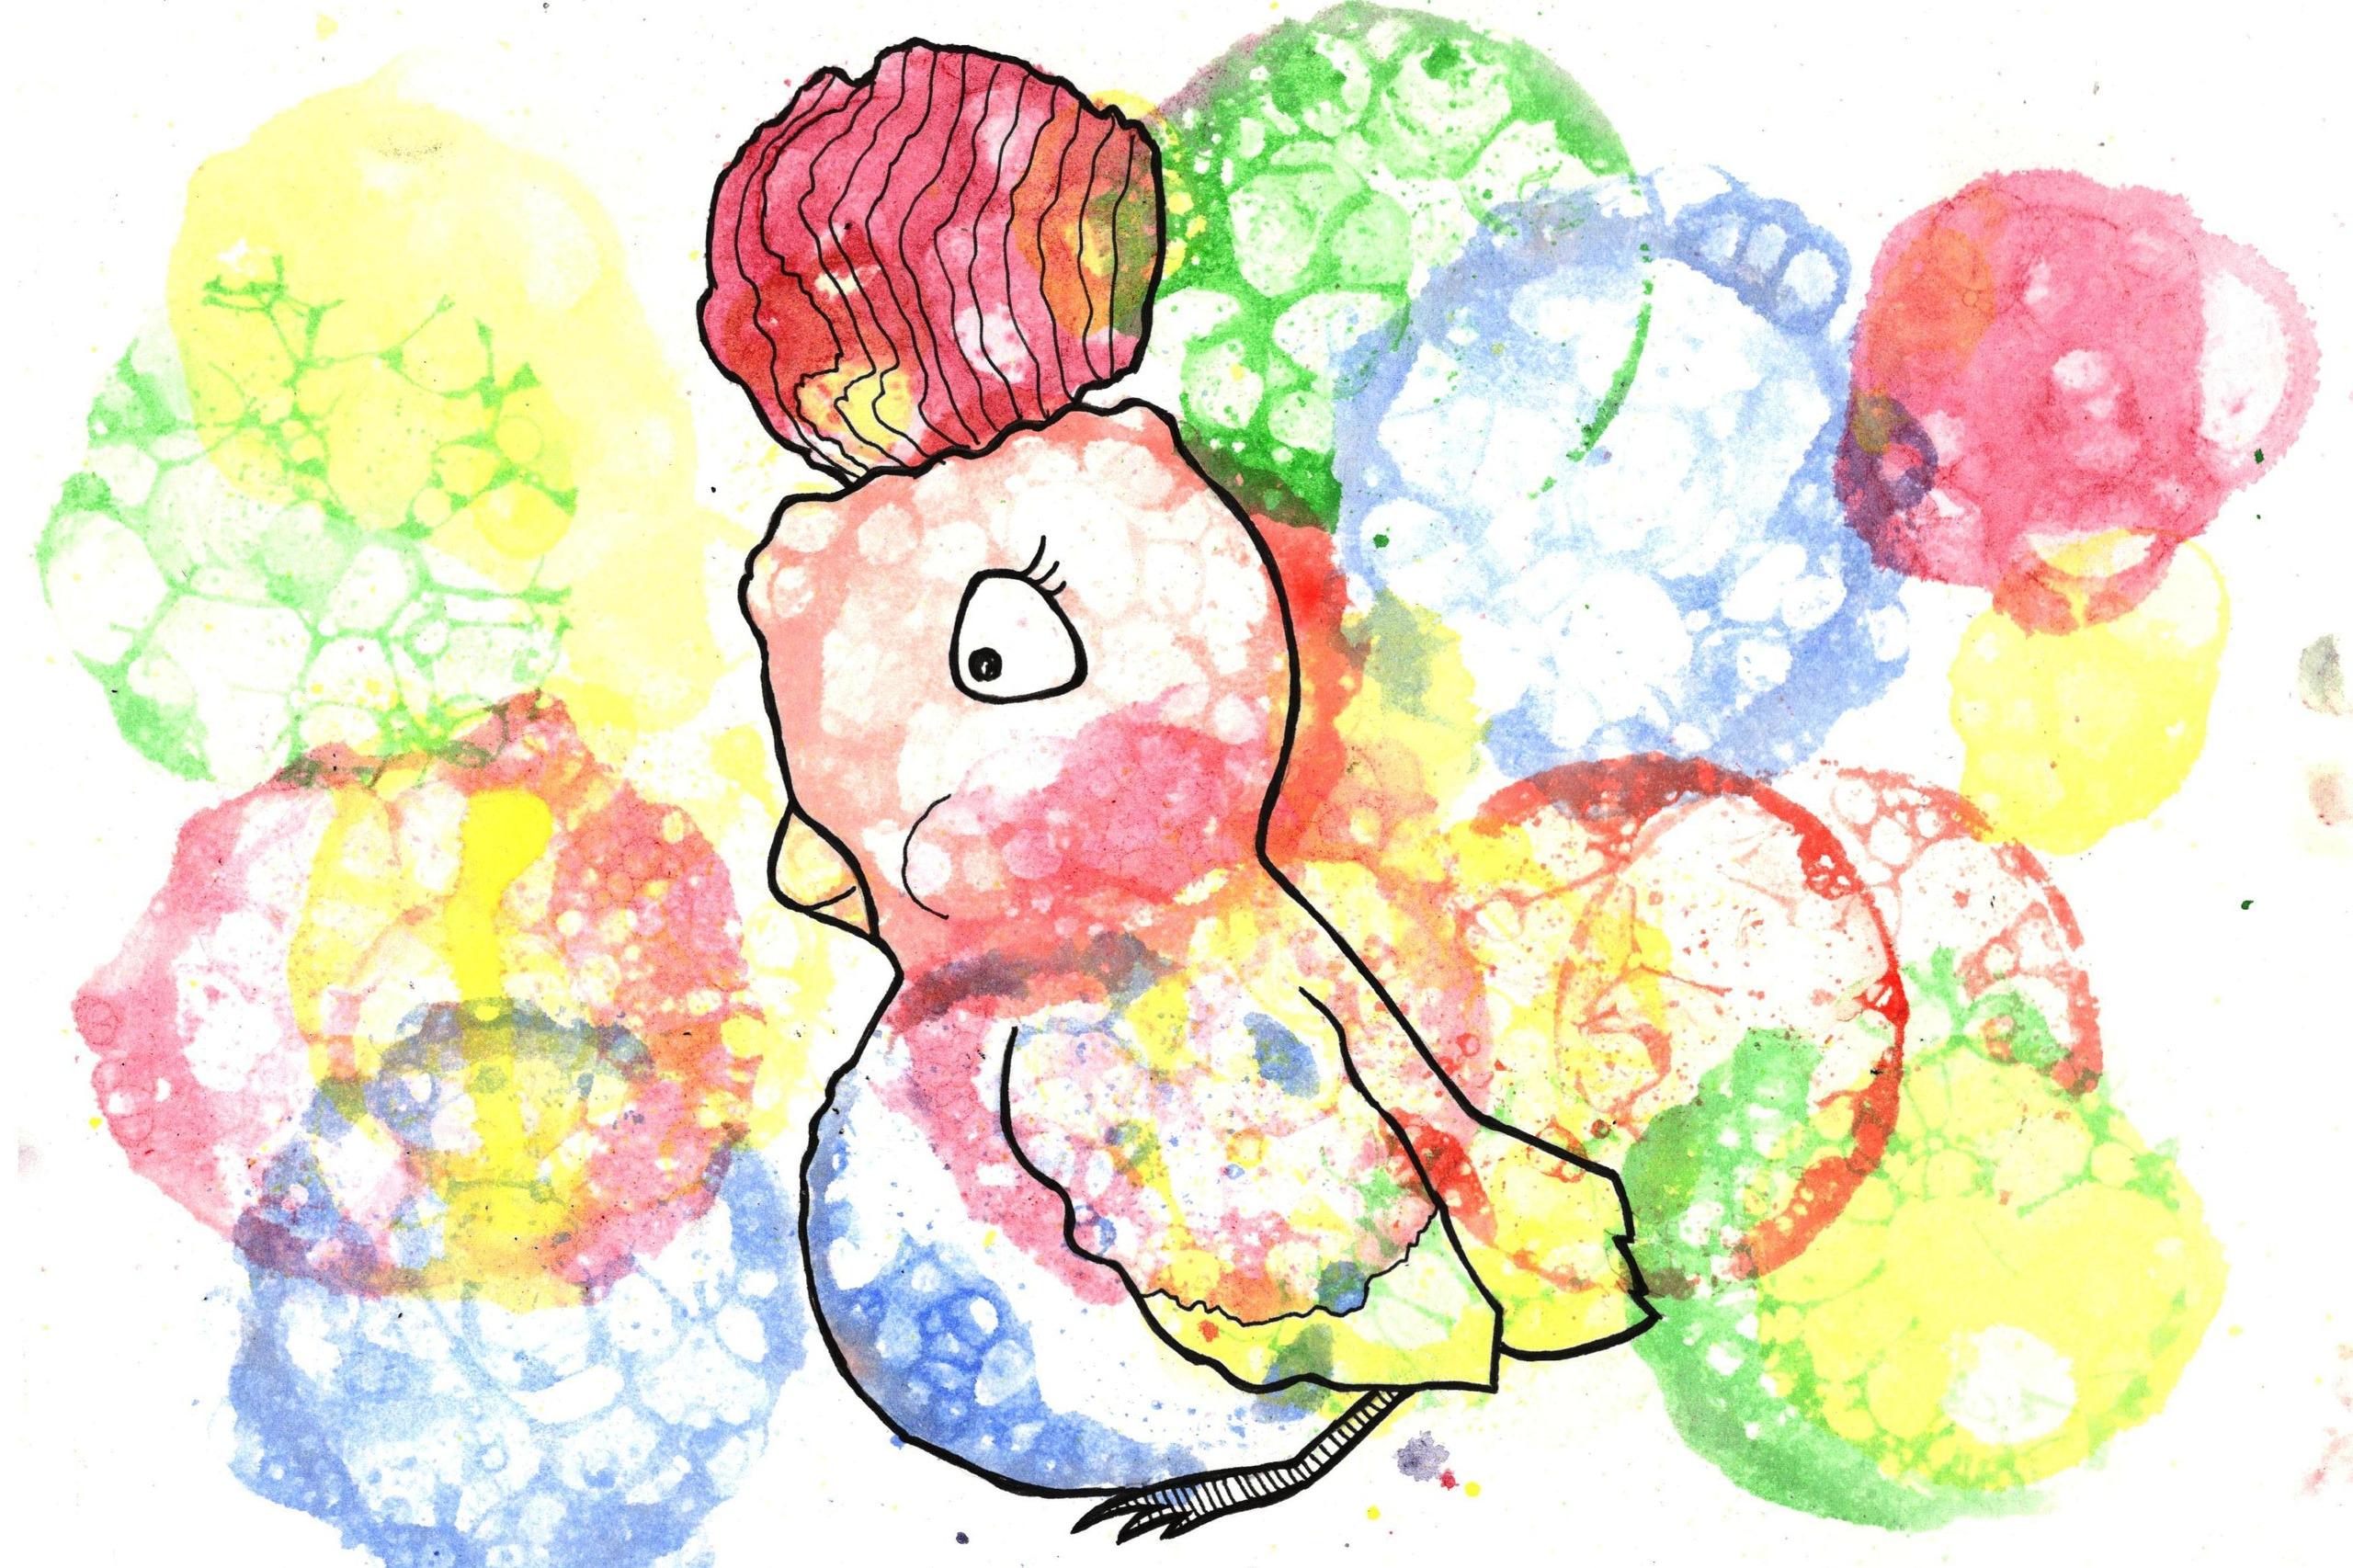 стоит надевать поэтапное рисование мыльными пузырями картинки этой жизни